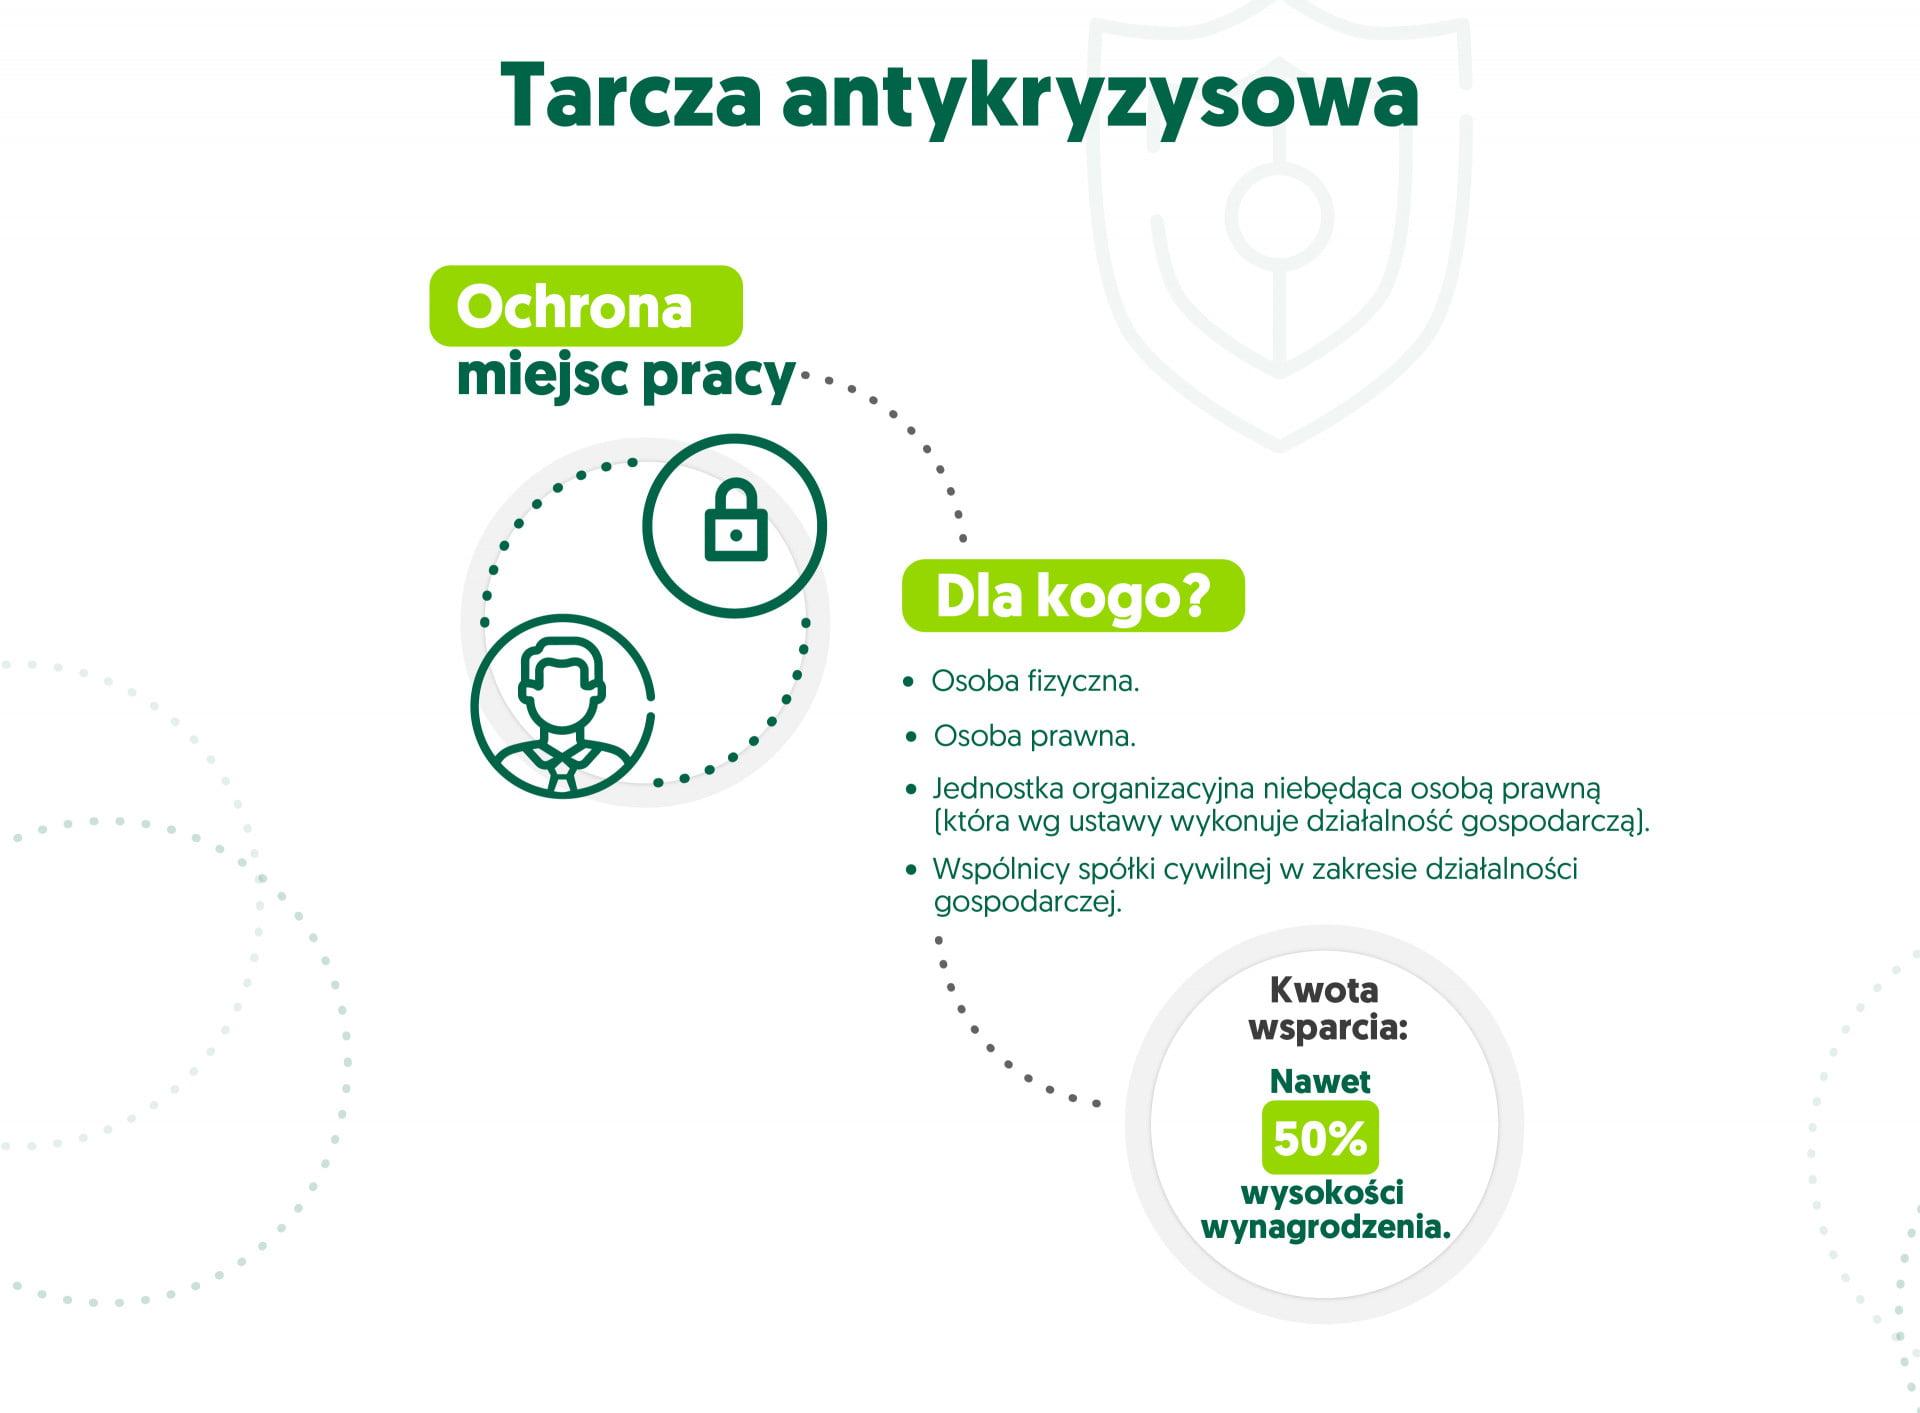 infografika tarcza antykryzysowa - ochrona miejsc pracy